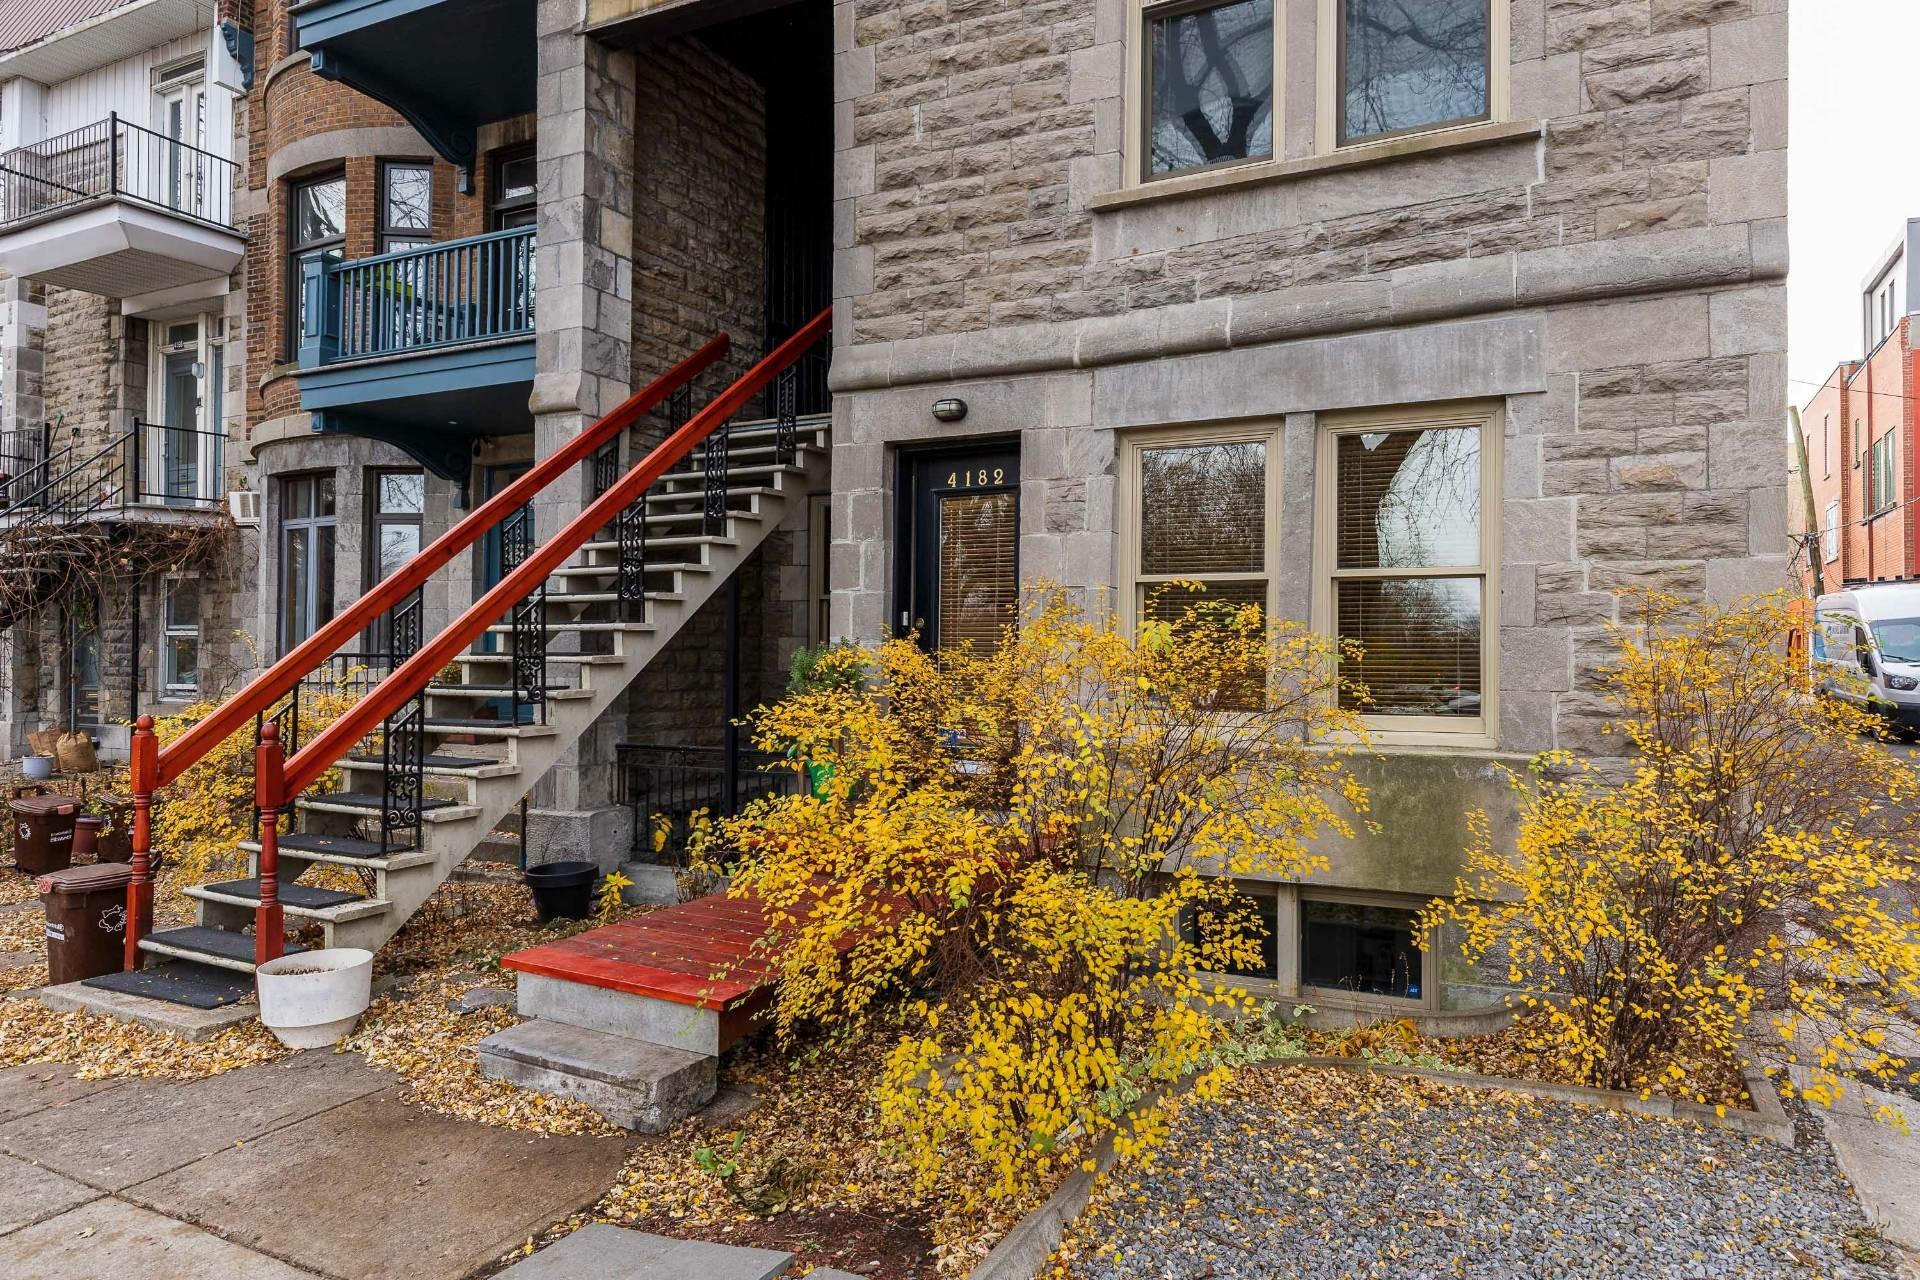 image 25 - Appartement À vendre Le Plateau-Mont-Royal Montréal  - 12 pièces